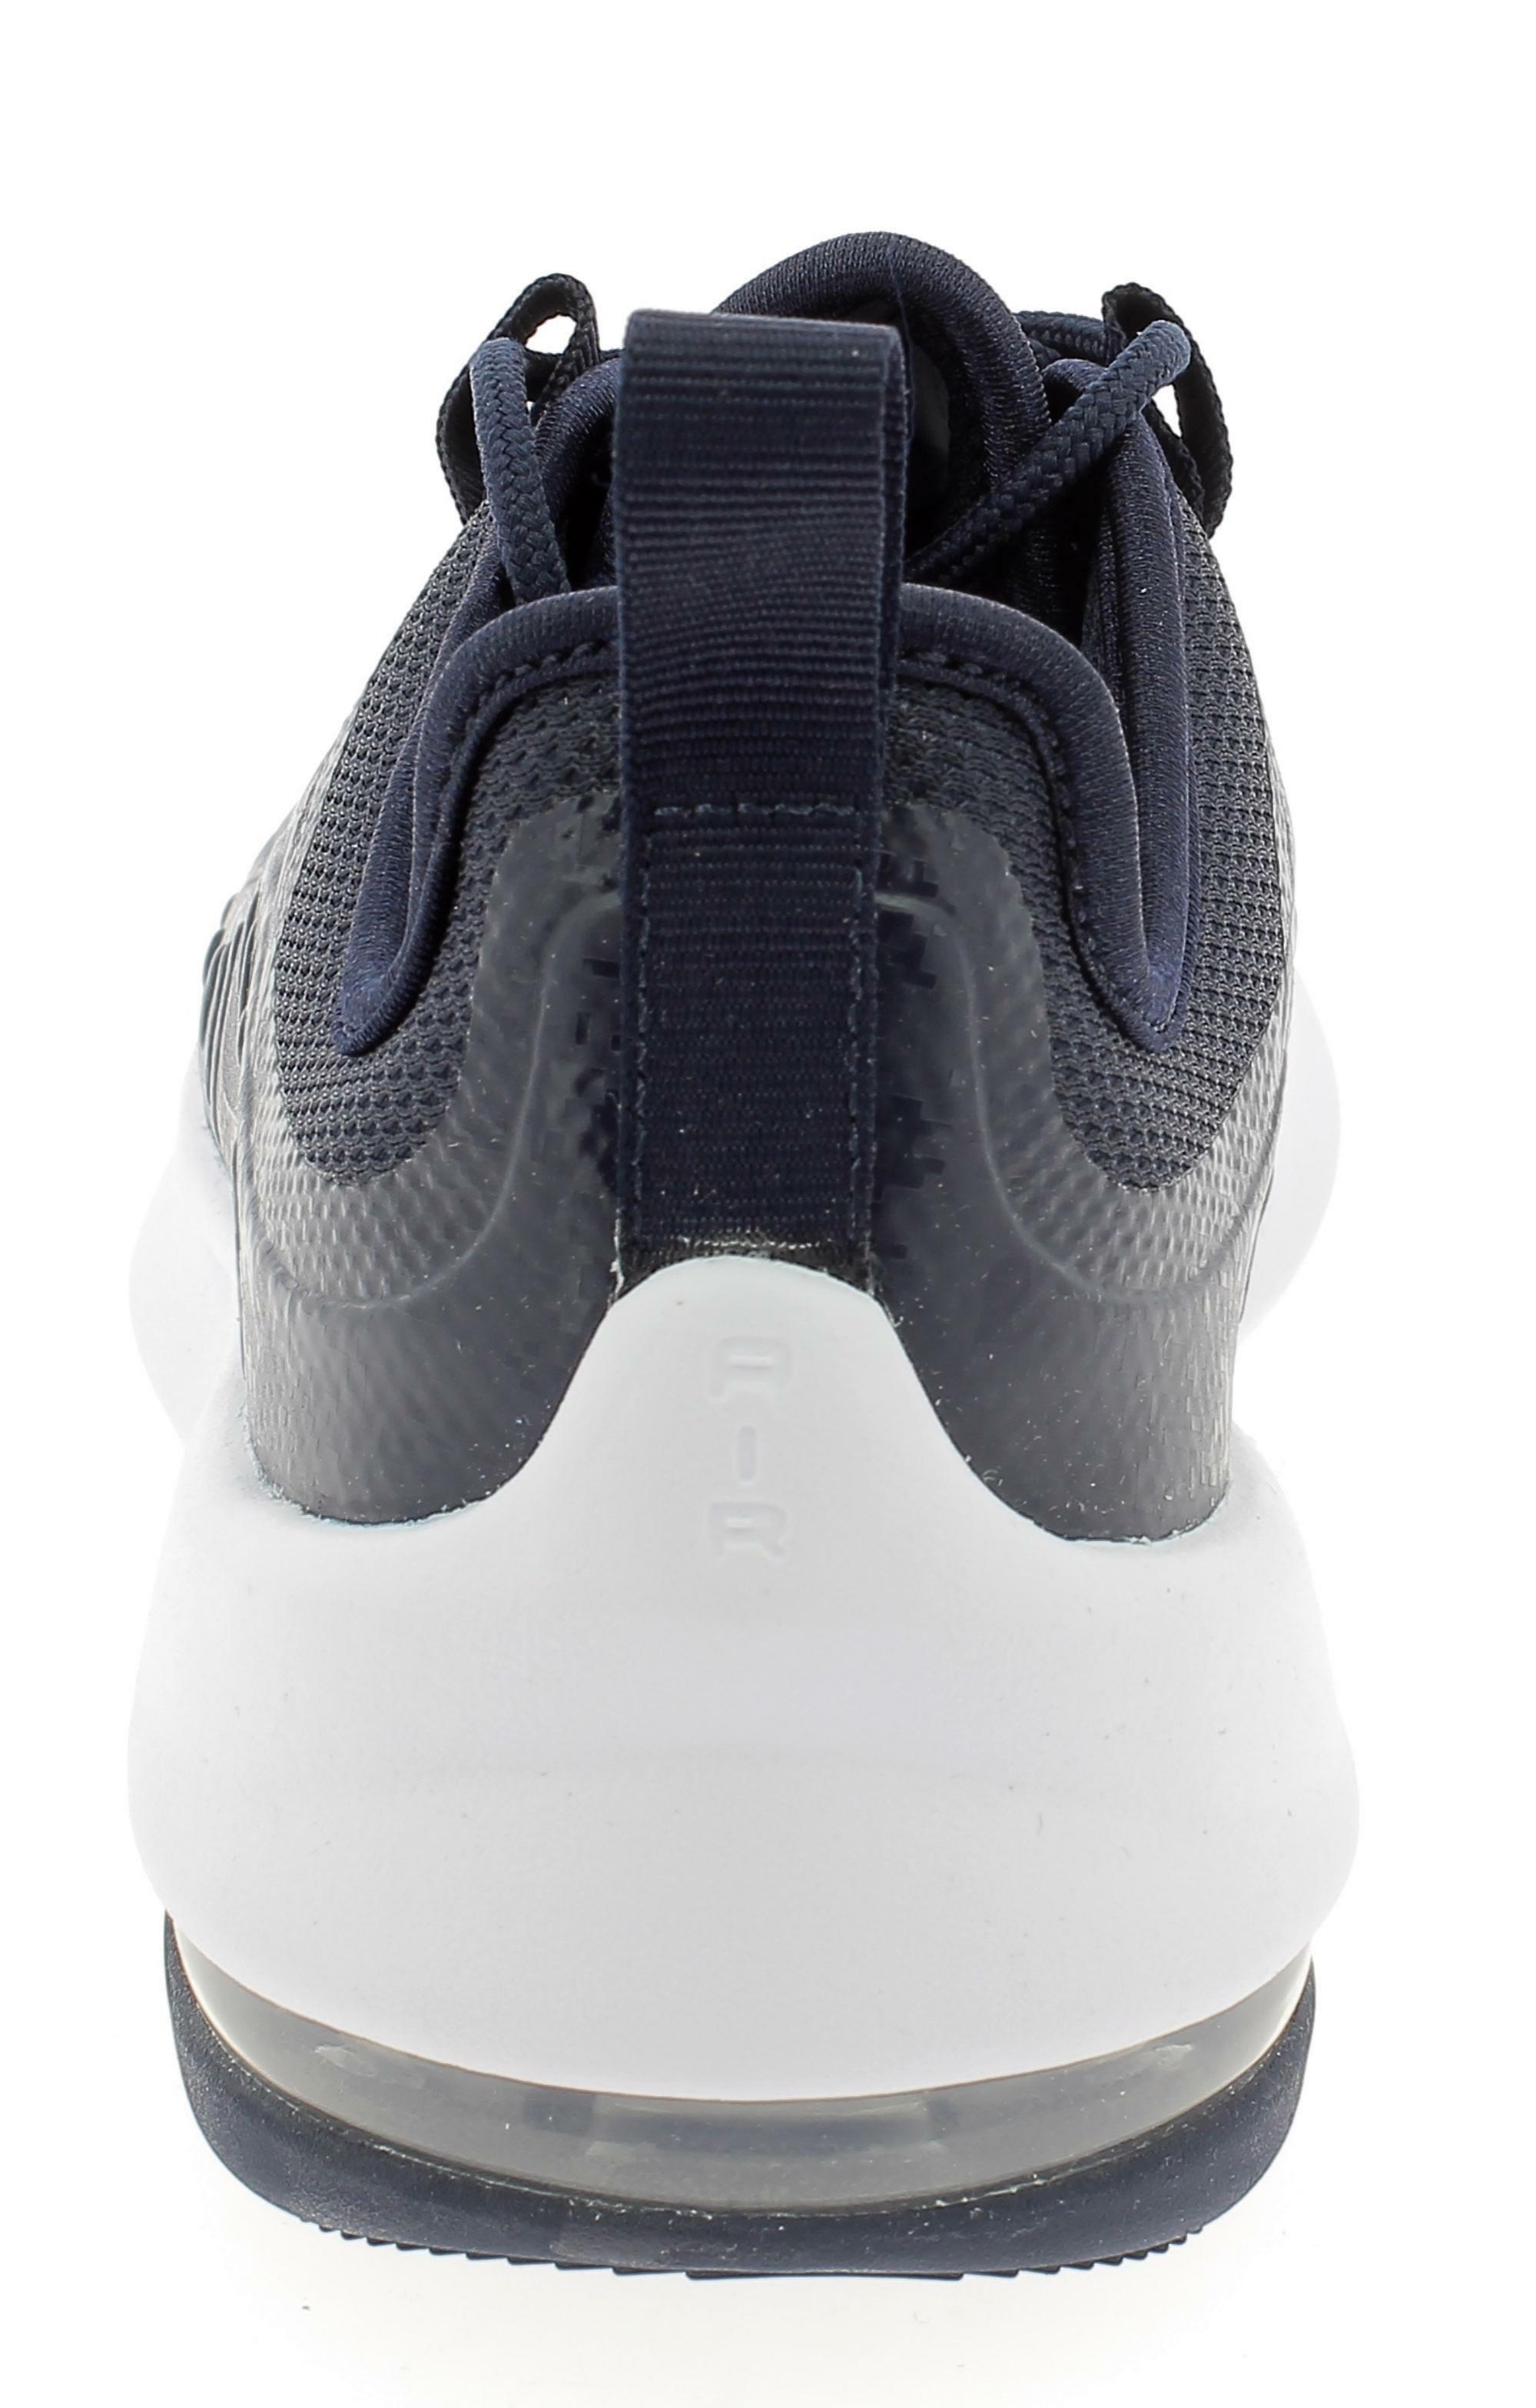 Air Max Nike Blu Ah52222401 Sportive AxisgsScarpe Bambino BstQCrdxh